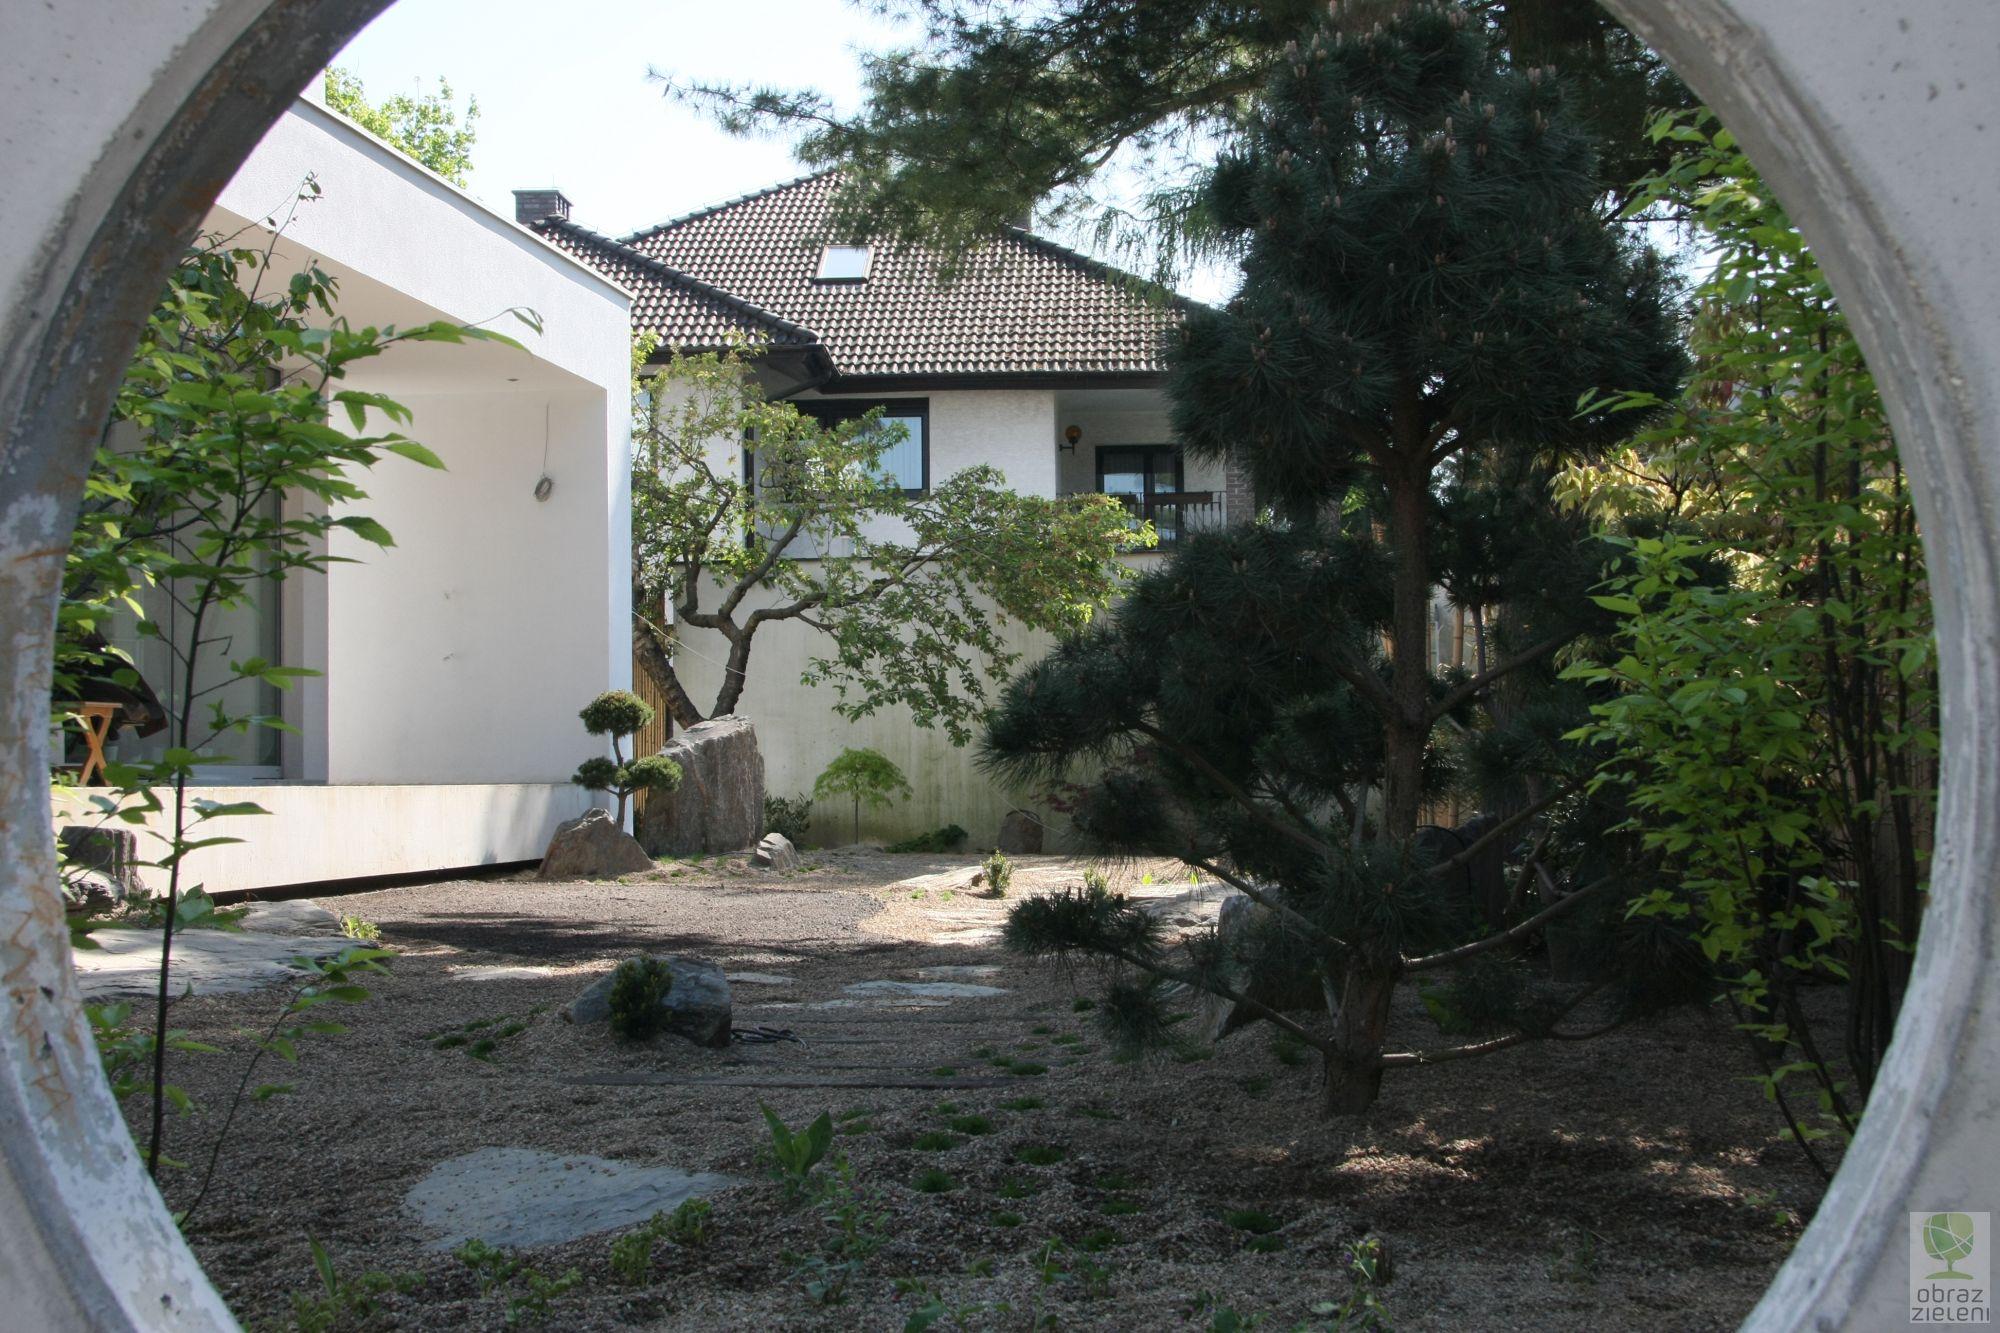 Ogród japoński 2011